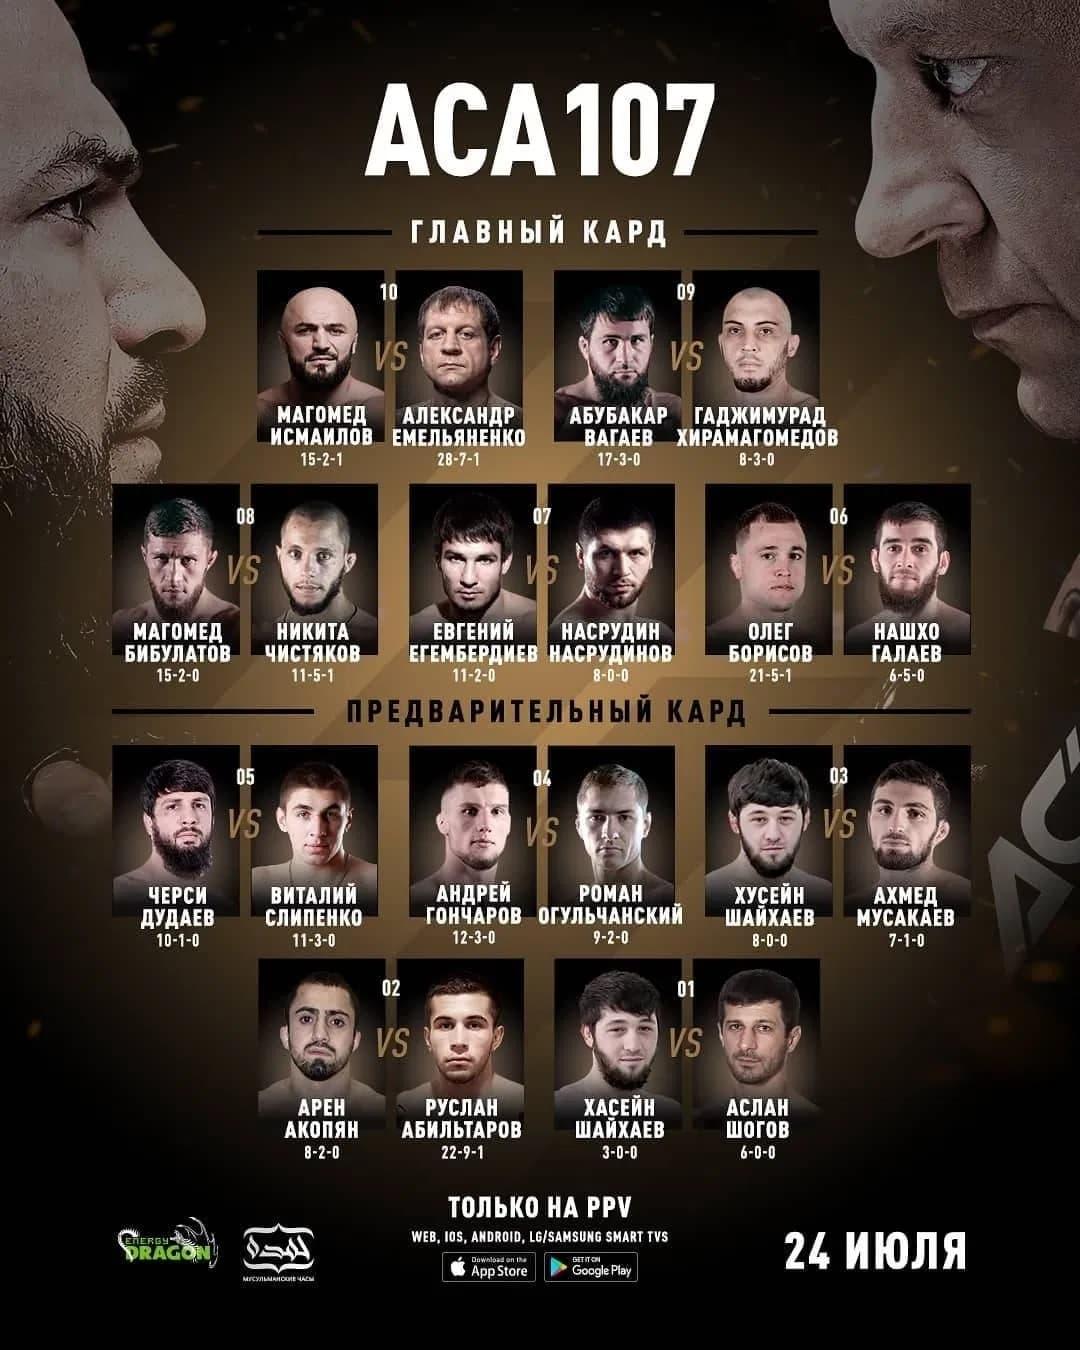 Участники и кард турнира АСА 107